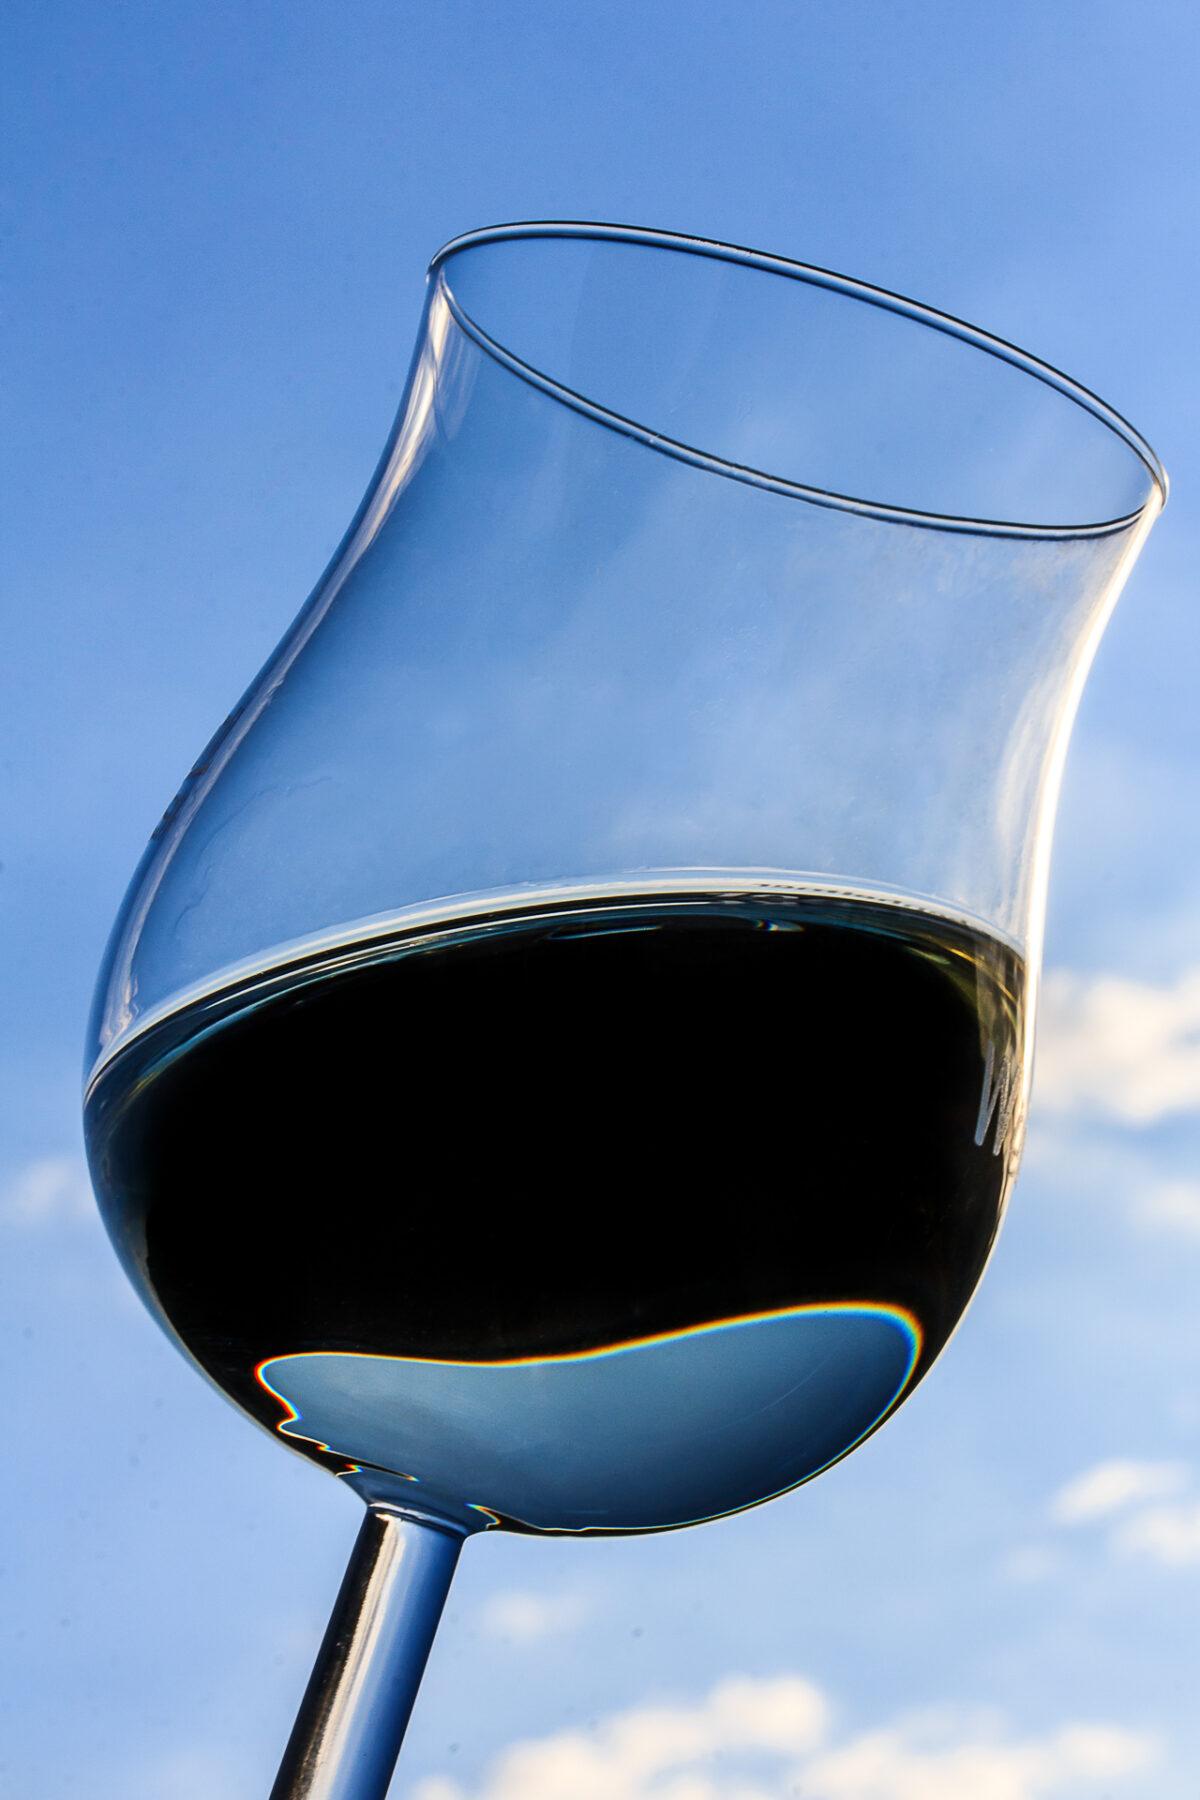 Weinglas - (c) eric immerheiser